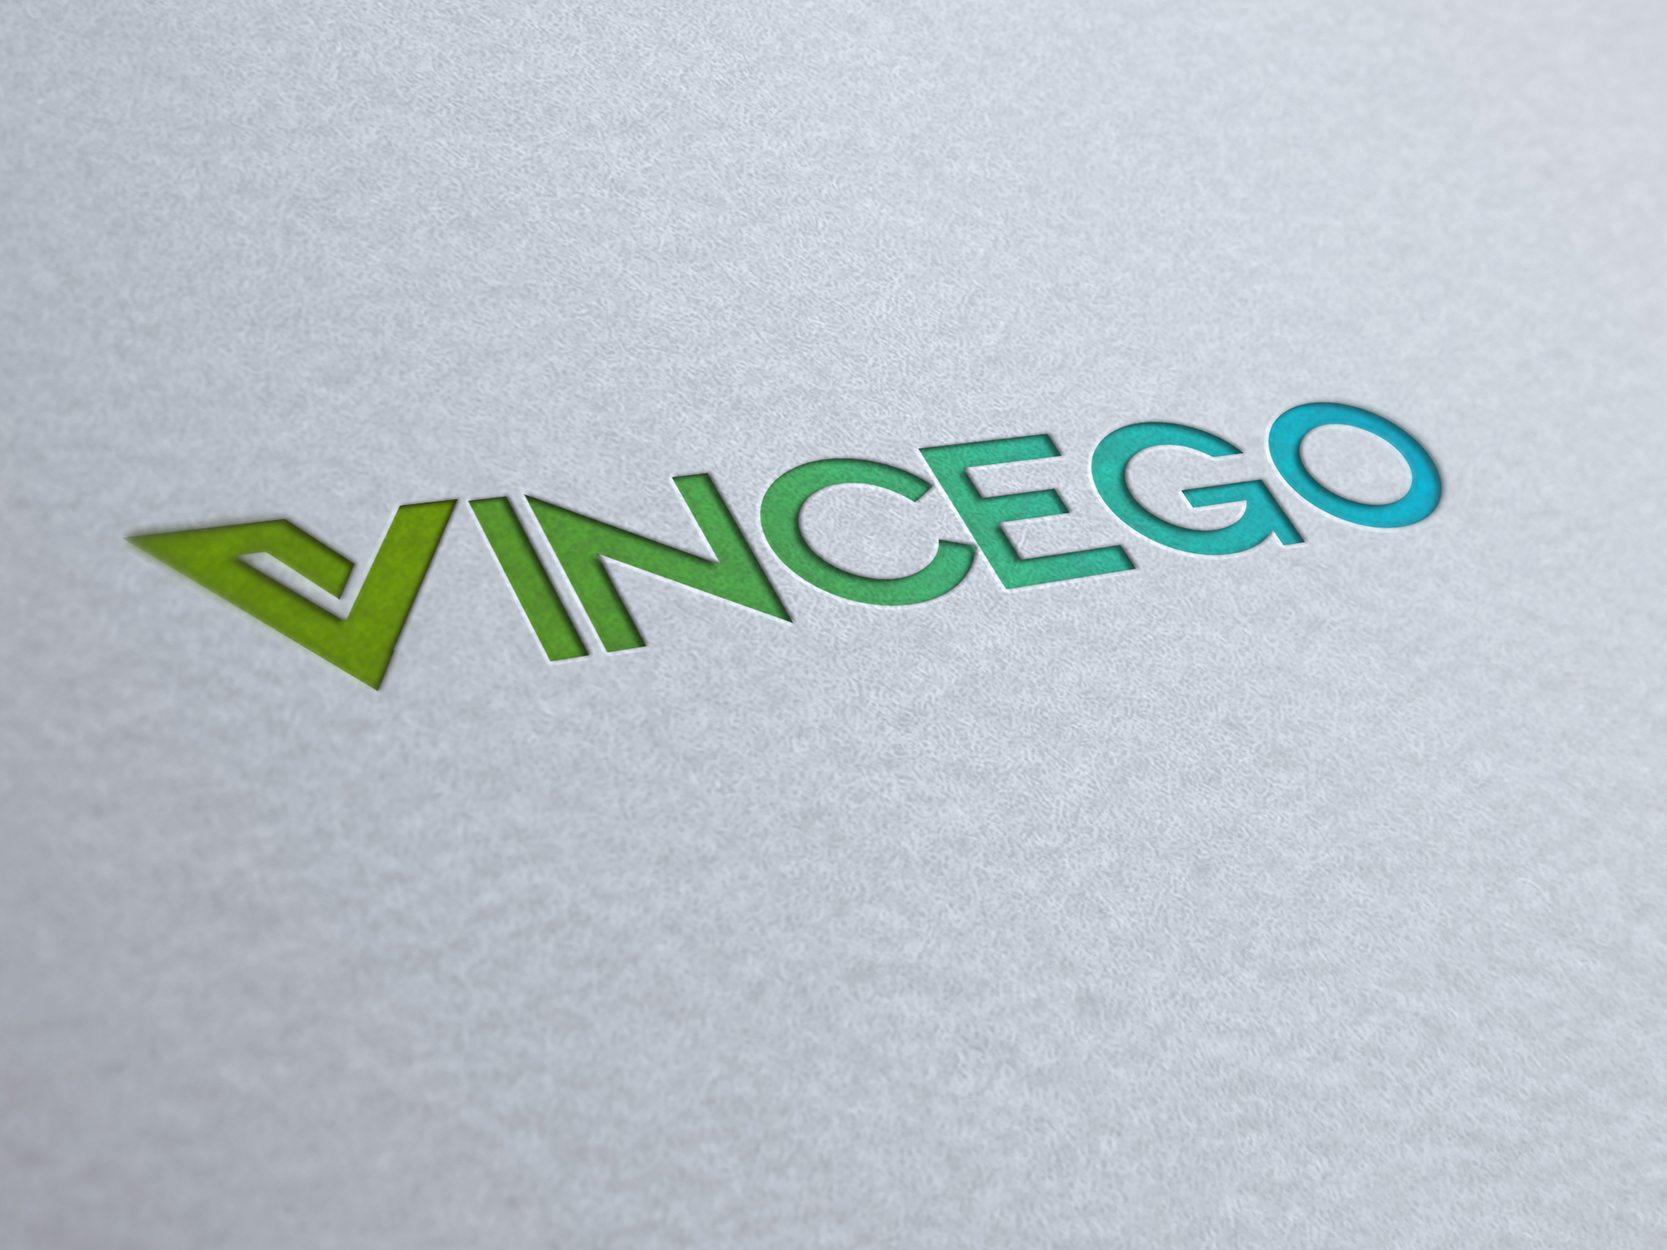 Vincego Print Media